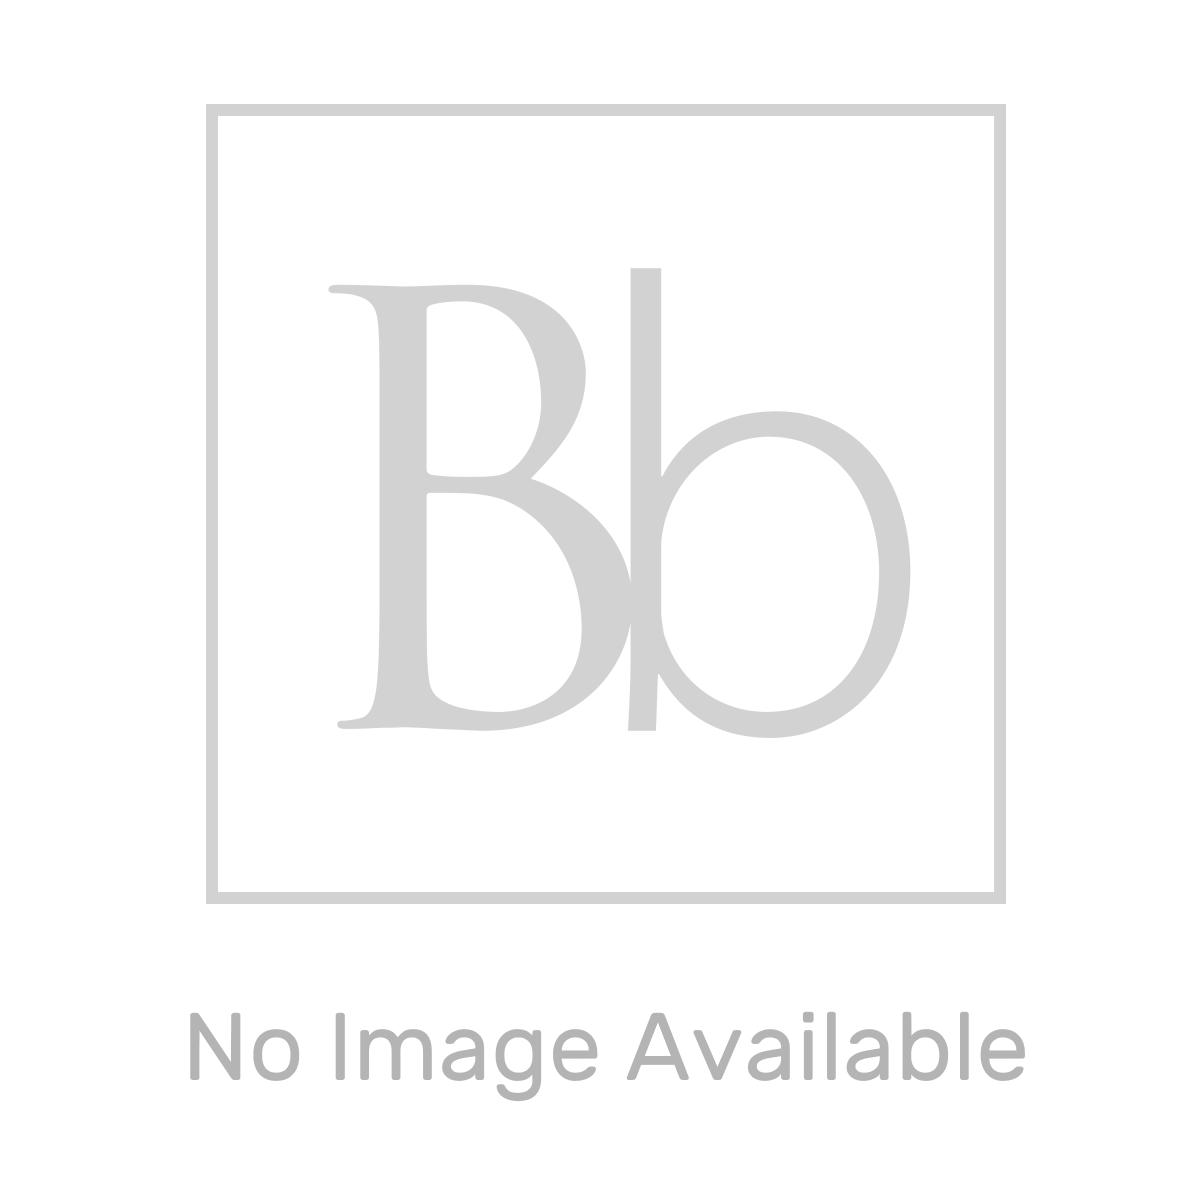 Tavistock Compass Gloss White Wall Mounted Vanity Unit 600mm Lifestyle